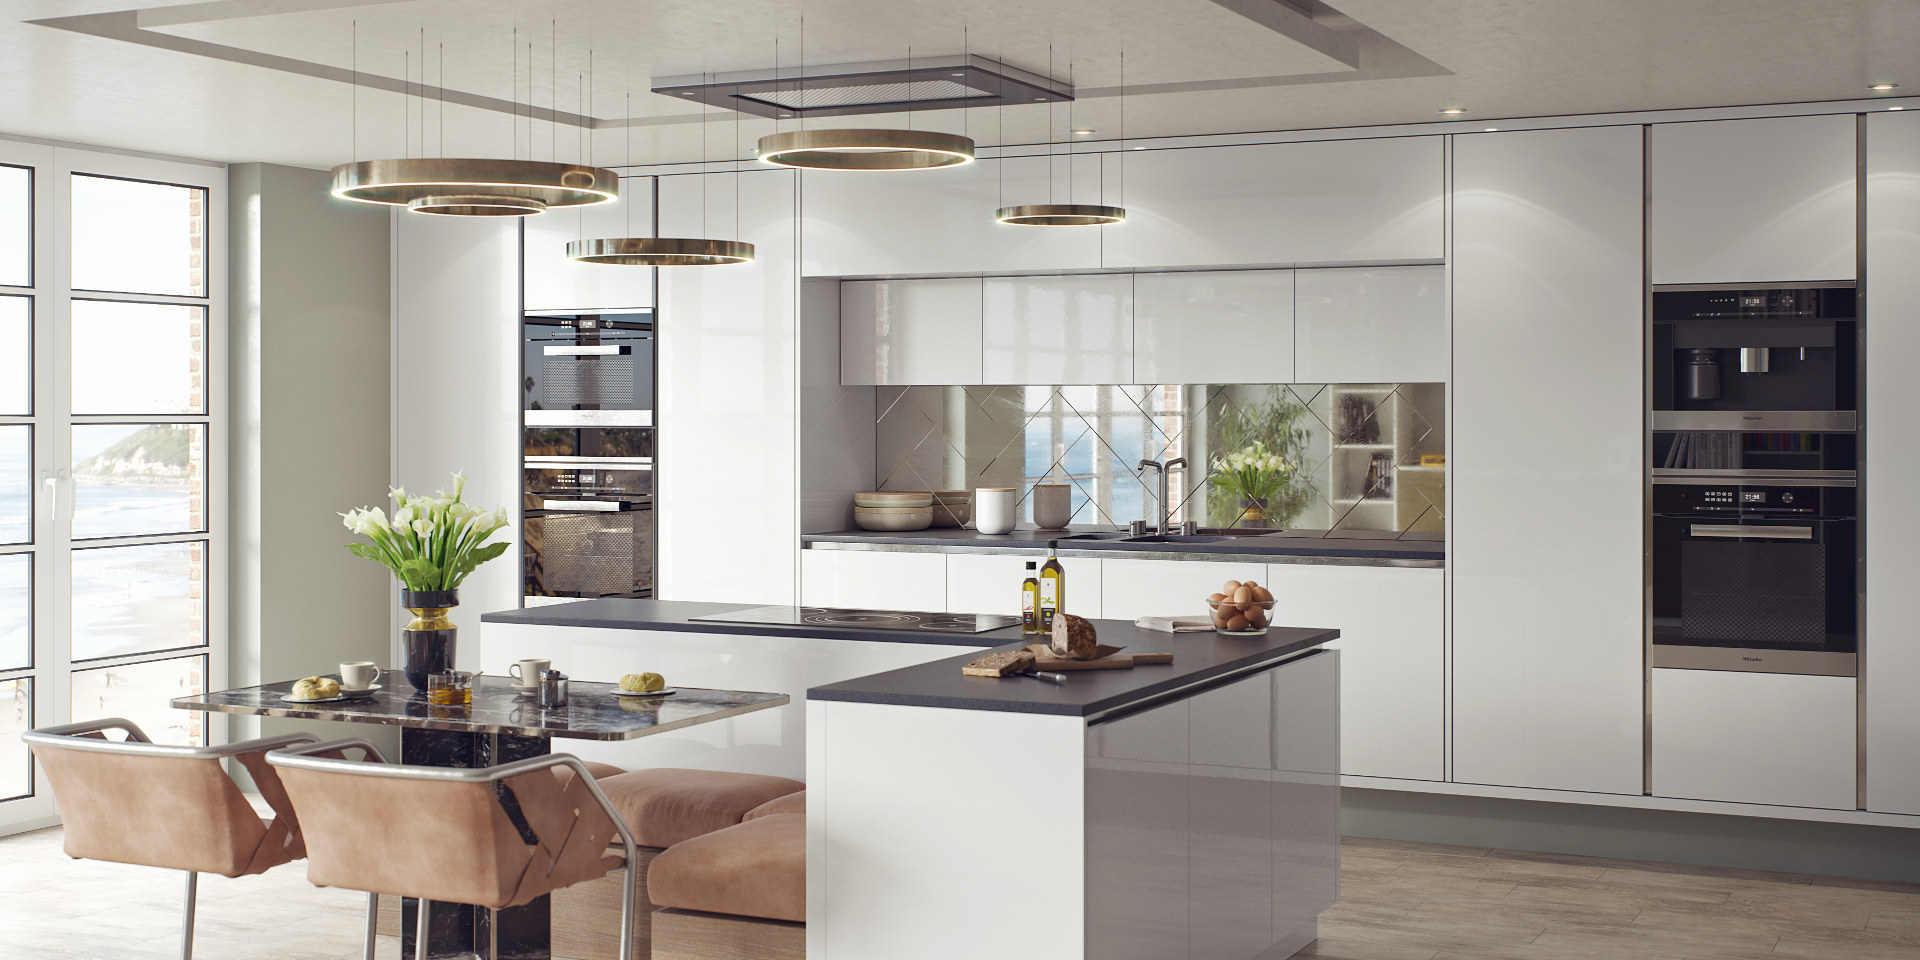 Ziemlich Küchen Irland Cash & Carry Fotos - Küchen Design Ideen ...